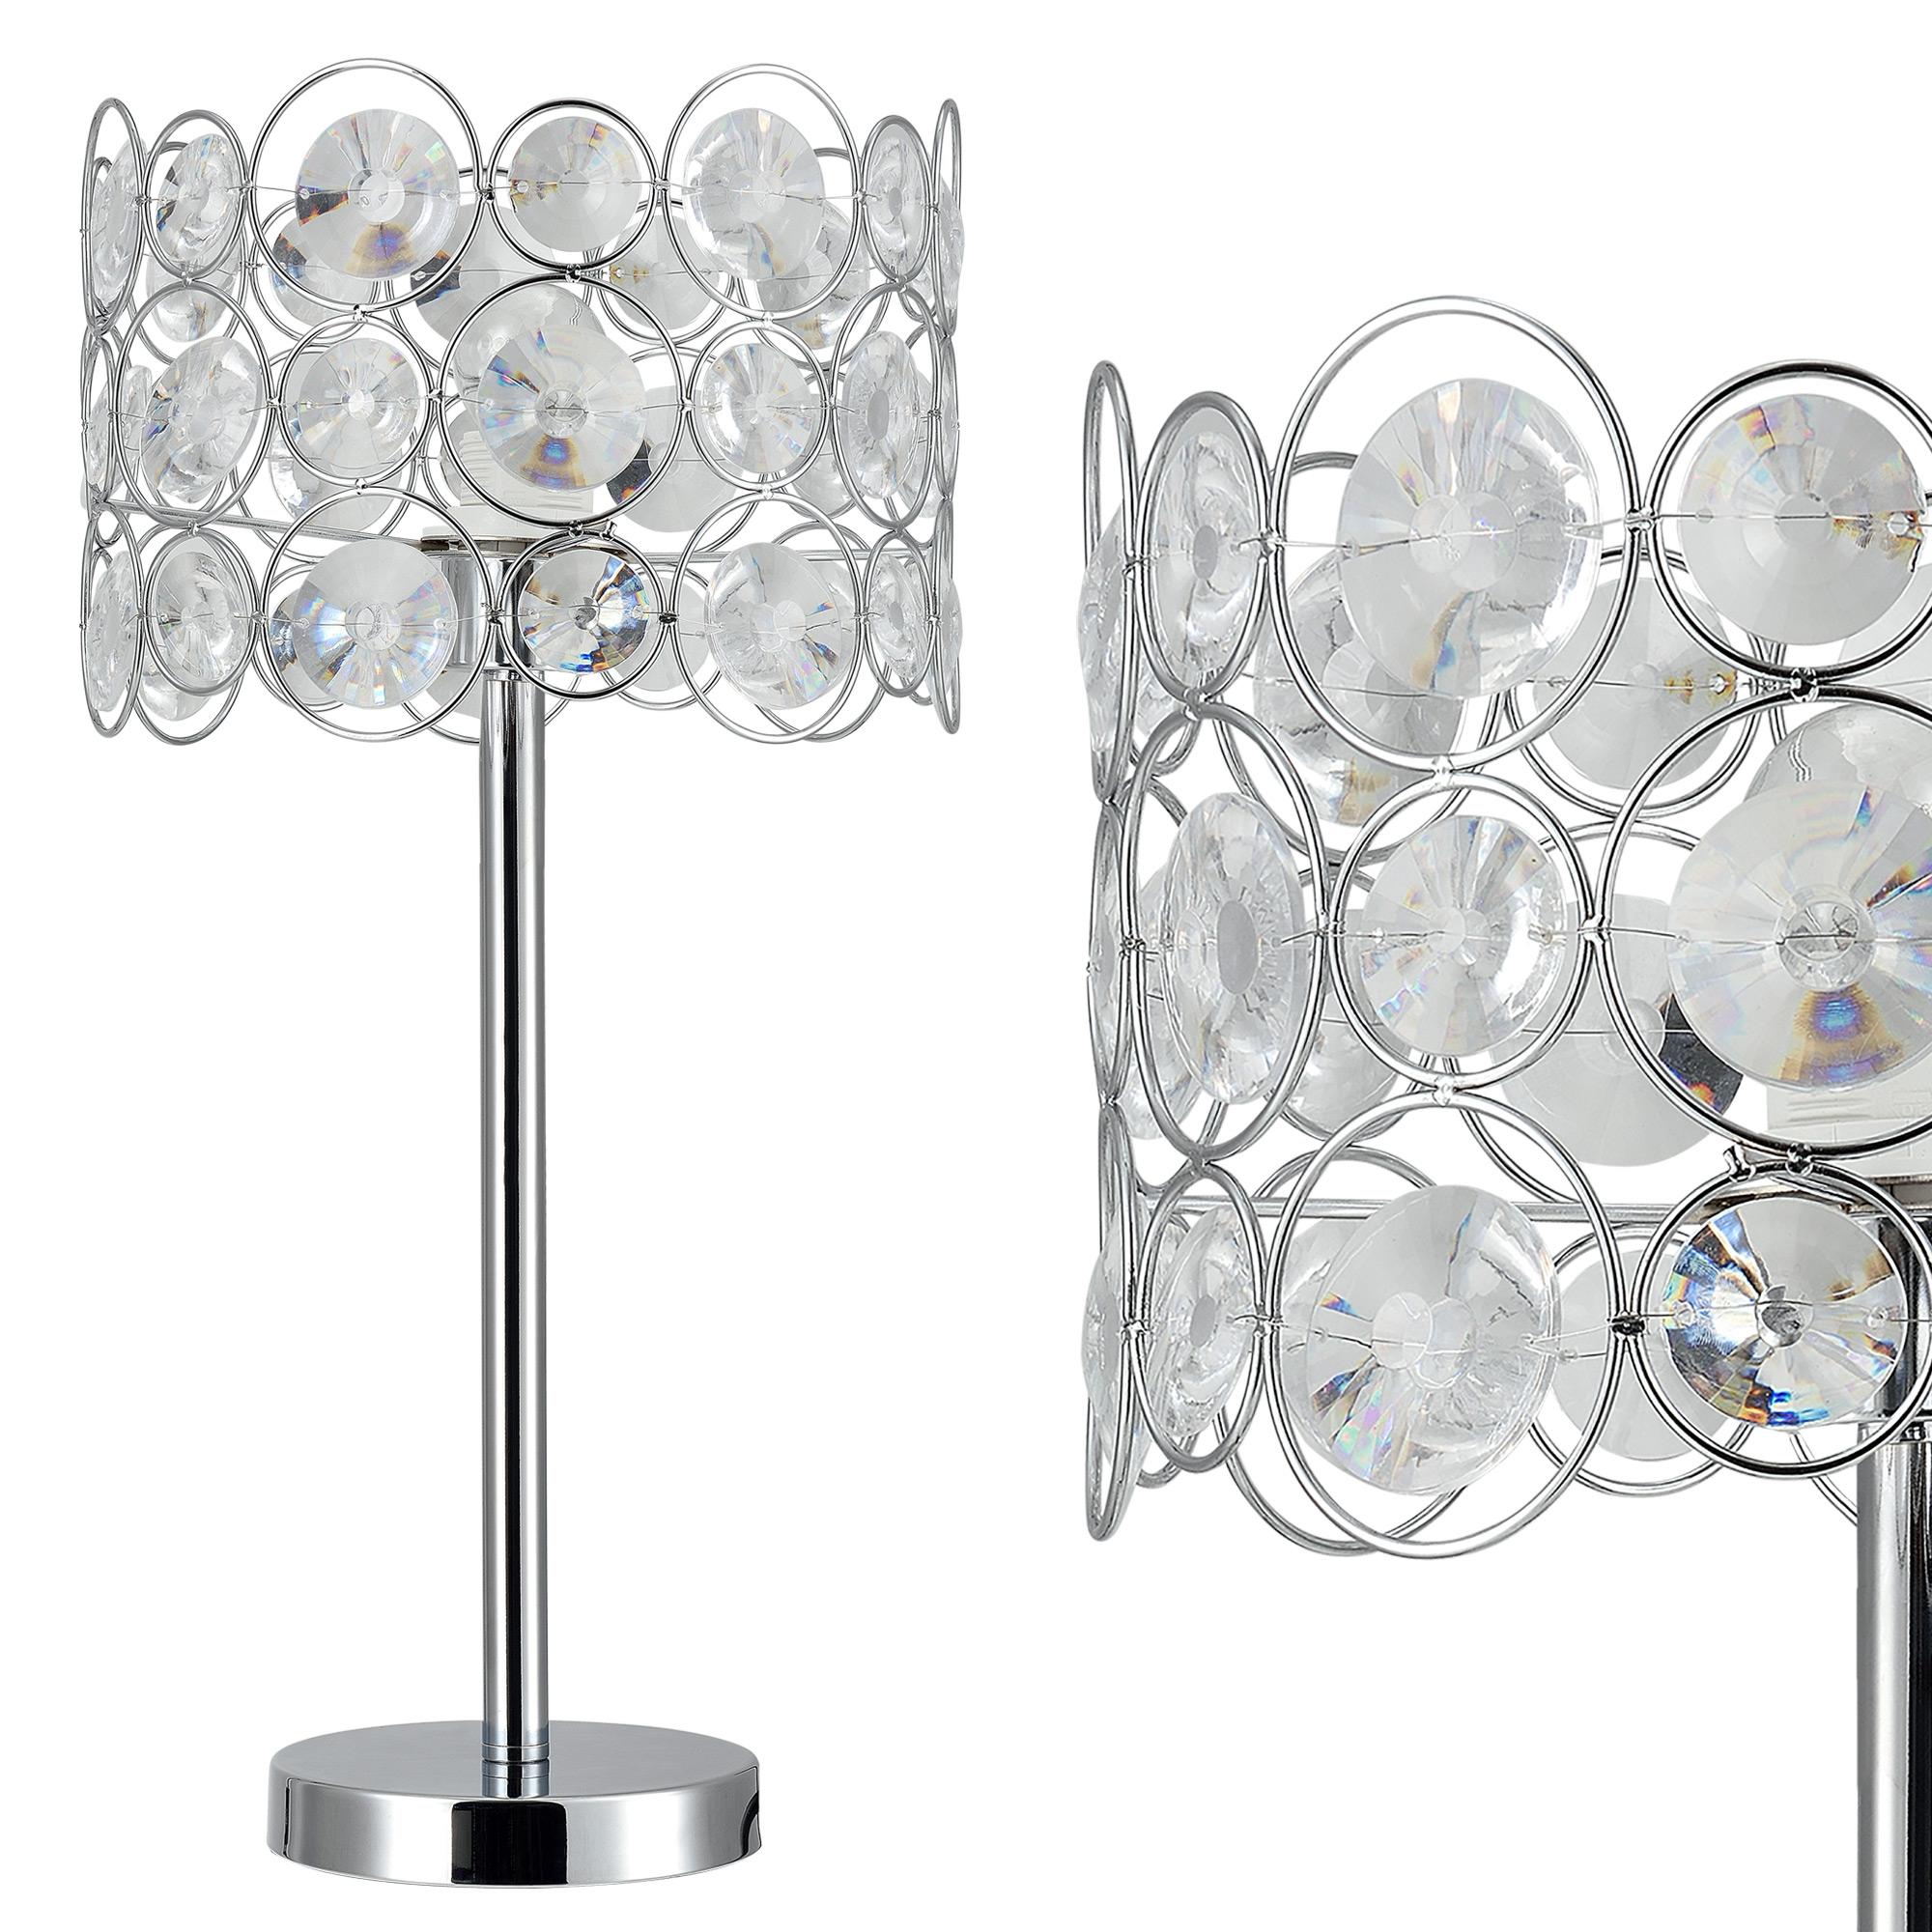 [lux.pro]® Elegantní stolní lampa – noční lampa - Dora / 1 x E27